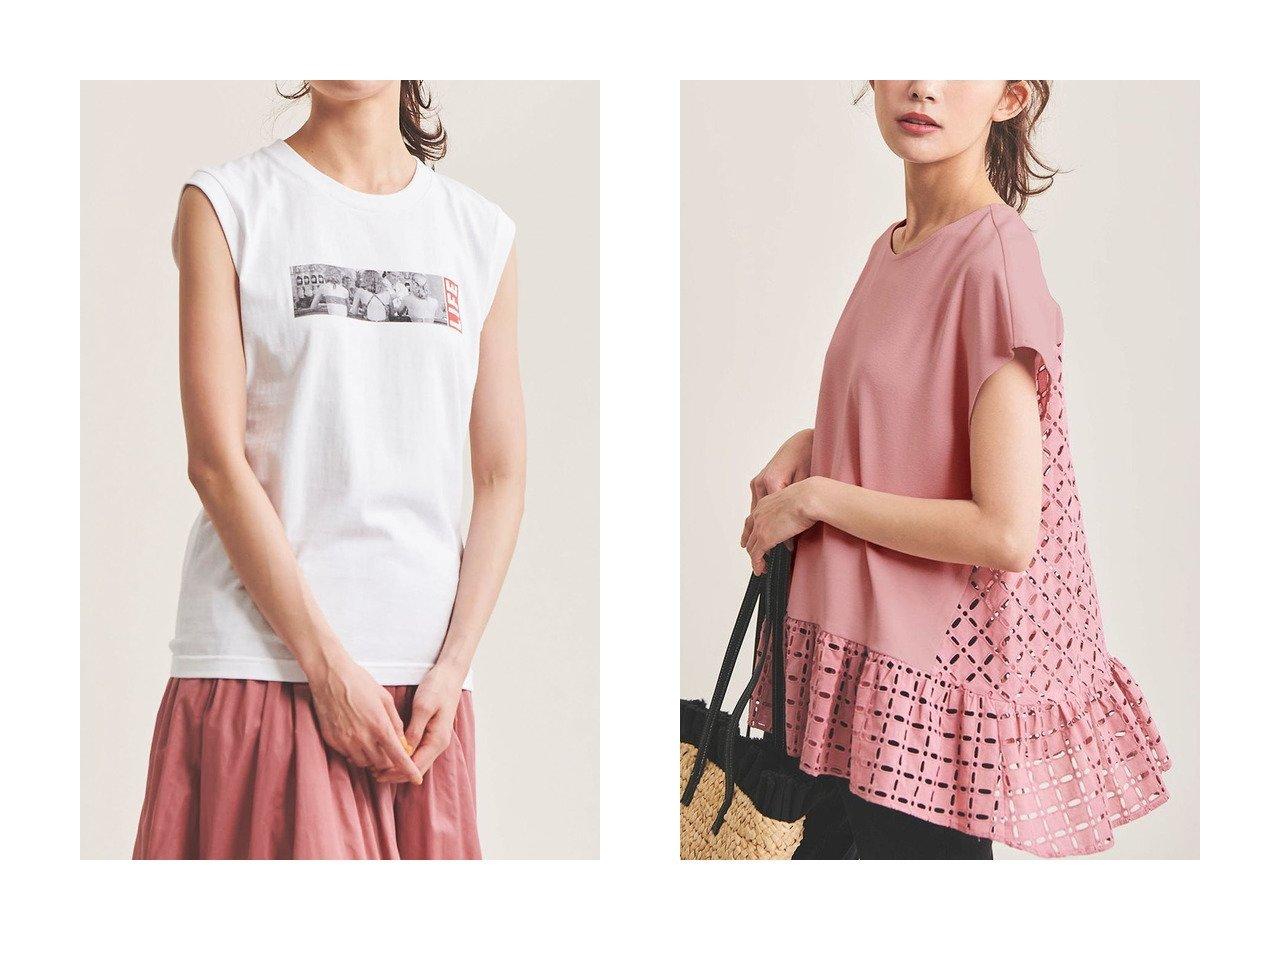 【The Virgnia/ザ ヴァージニア】のカットワーク幾何学刺しゅうトップス&【GOOD ROCK SPEED】LIFE ノースリーブカットソー 【トップス・カットソー】おすすめ!人気、トレンド・レディースファッションの通販 おすすめで人気の流行・トレンド、ファッションの通販商品 メンズファッション・キッズファッション・インテリア・家具・レディースファッション・服の通販 founy(ファニー) https://founy.com/ ファッション Fashion レディースファッション WOMEN トップス・カットソー Tops/Tshirt キャミソール / ノースリーブ No Sleeves シャツ/ブラウス Shirts/Blouses ロング / Tシャツ T-Shirts カットソー Cut and Sewn キャミソール タンク ノースリーブ プリント ヴィンテージ おすすめ Recommend カットソー ギャザー ショート スリーブ チュニック ドッキング レース ワーク  ID:crp329100000038727